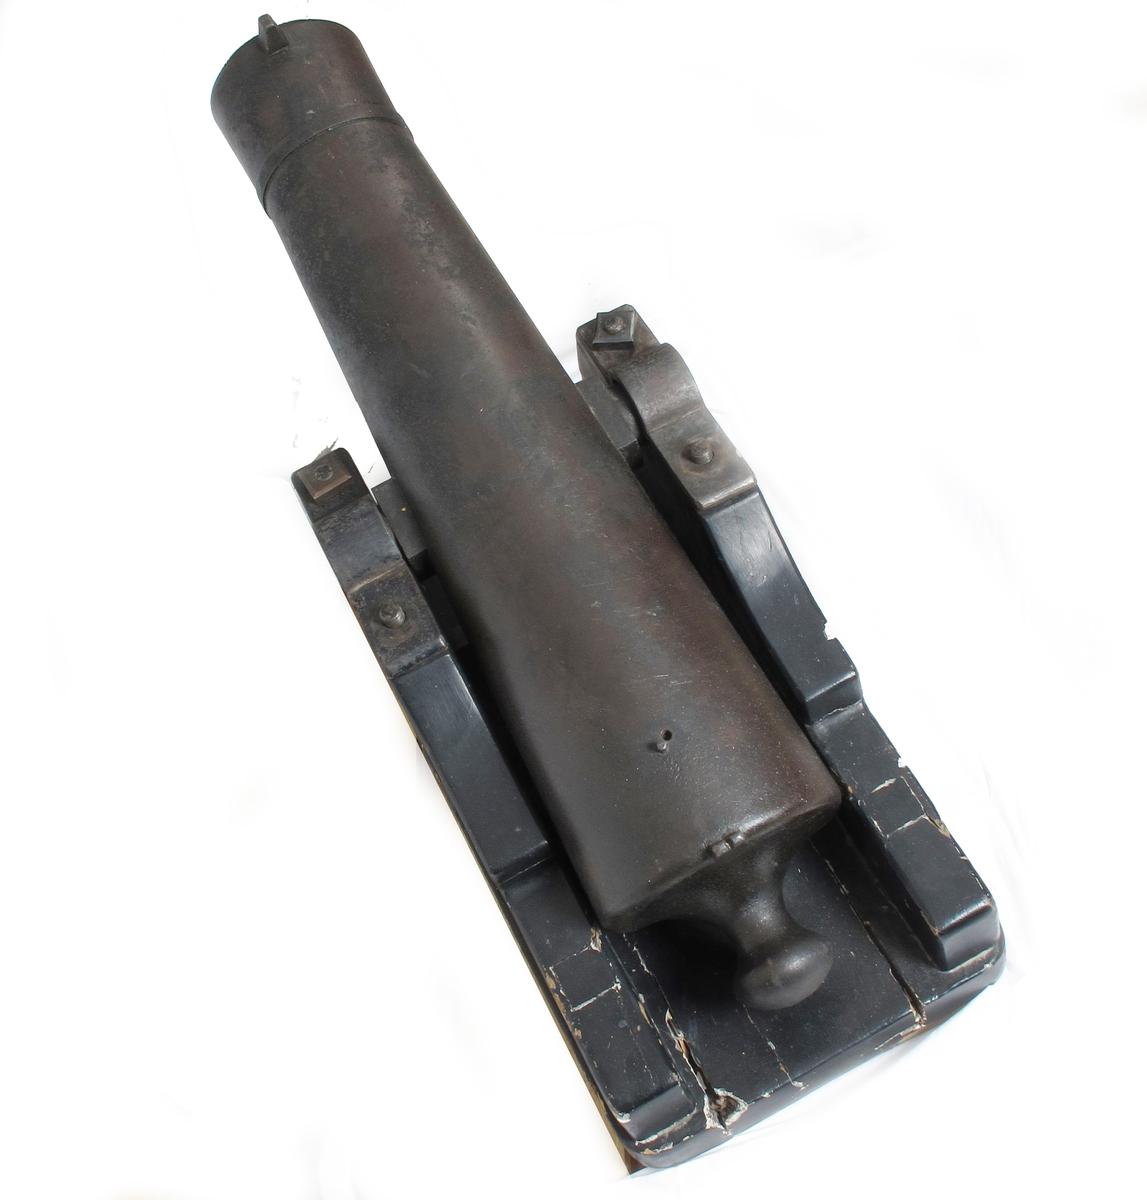 Små kanoner, falkonetter, støpt i jern. Sikte påsatt i spor. Stempel i begge ender av akslingen. Sortmalte lavetter, tydelig sekundære.